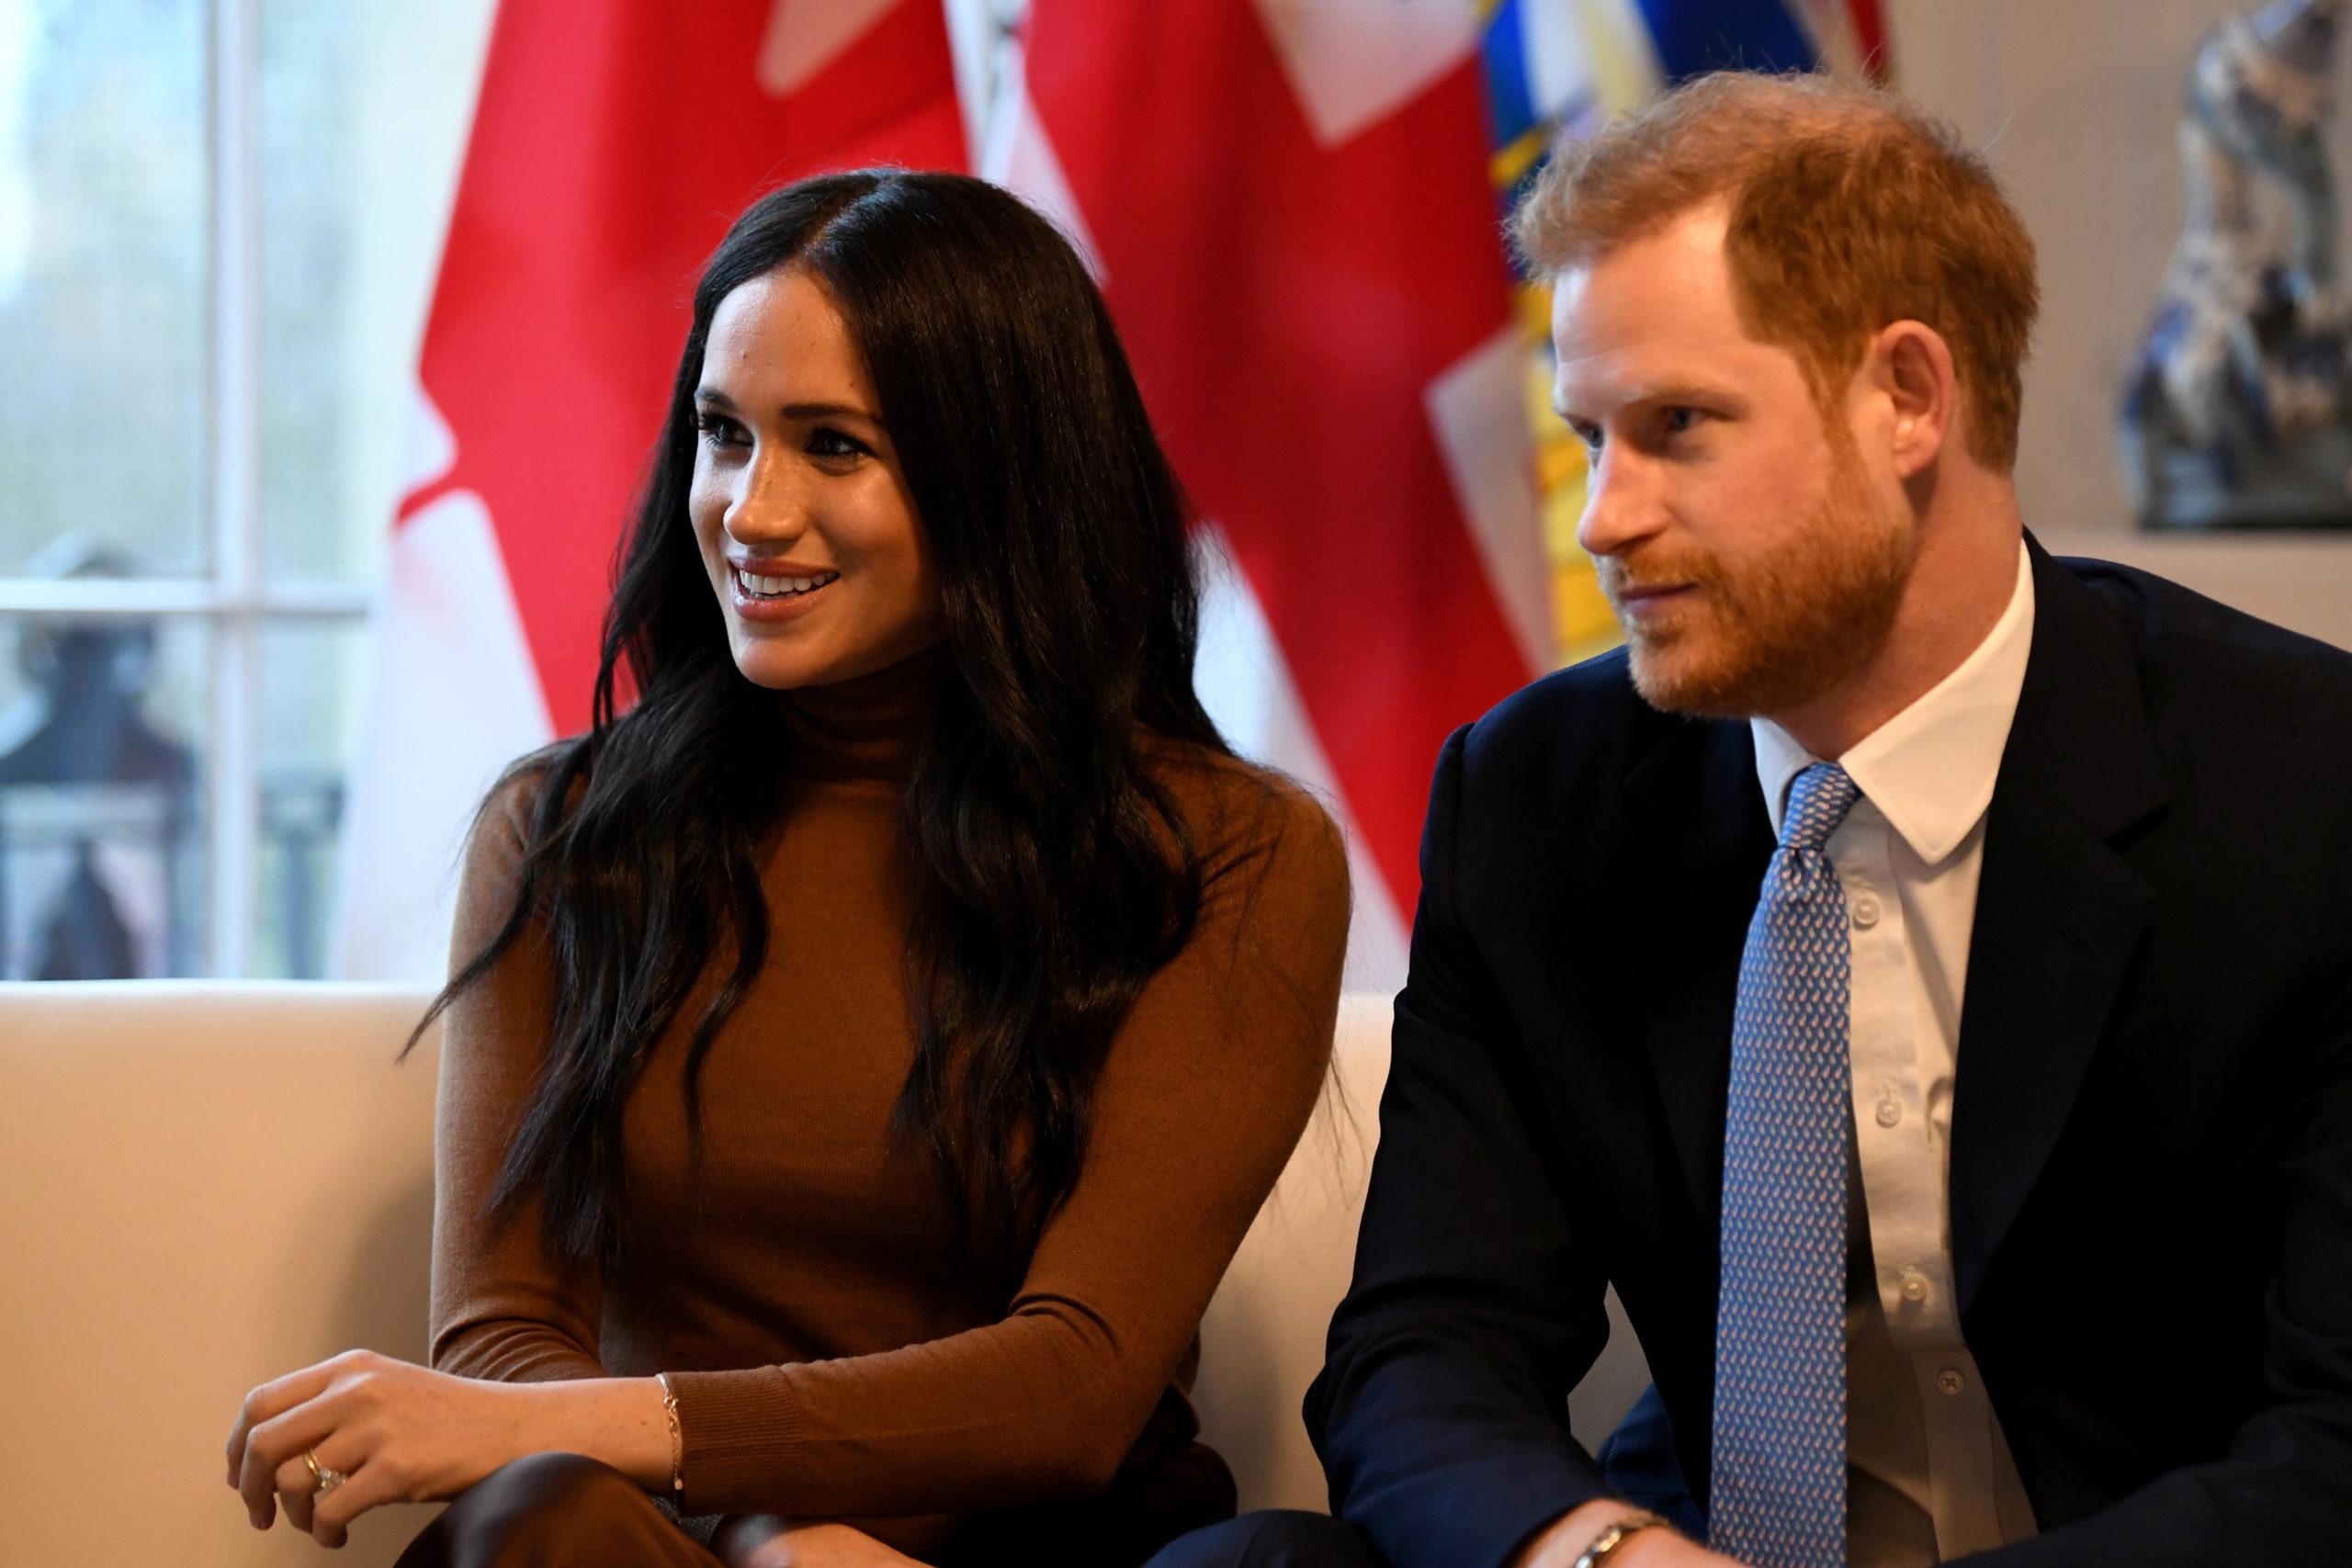 Βρετανία: Ενθουσιασμός στη βασιλική οικογένεια για τη γέννηση της κόρης του πρίγκιπα Χάρι και της Μέγκαν Μαρκλ